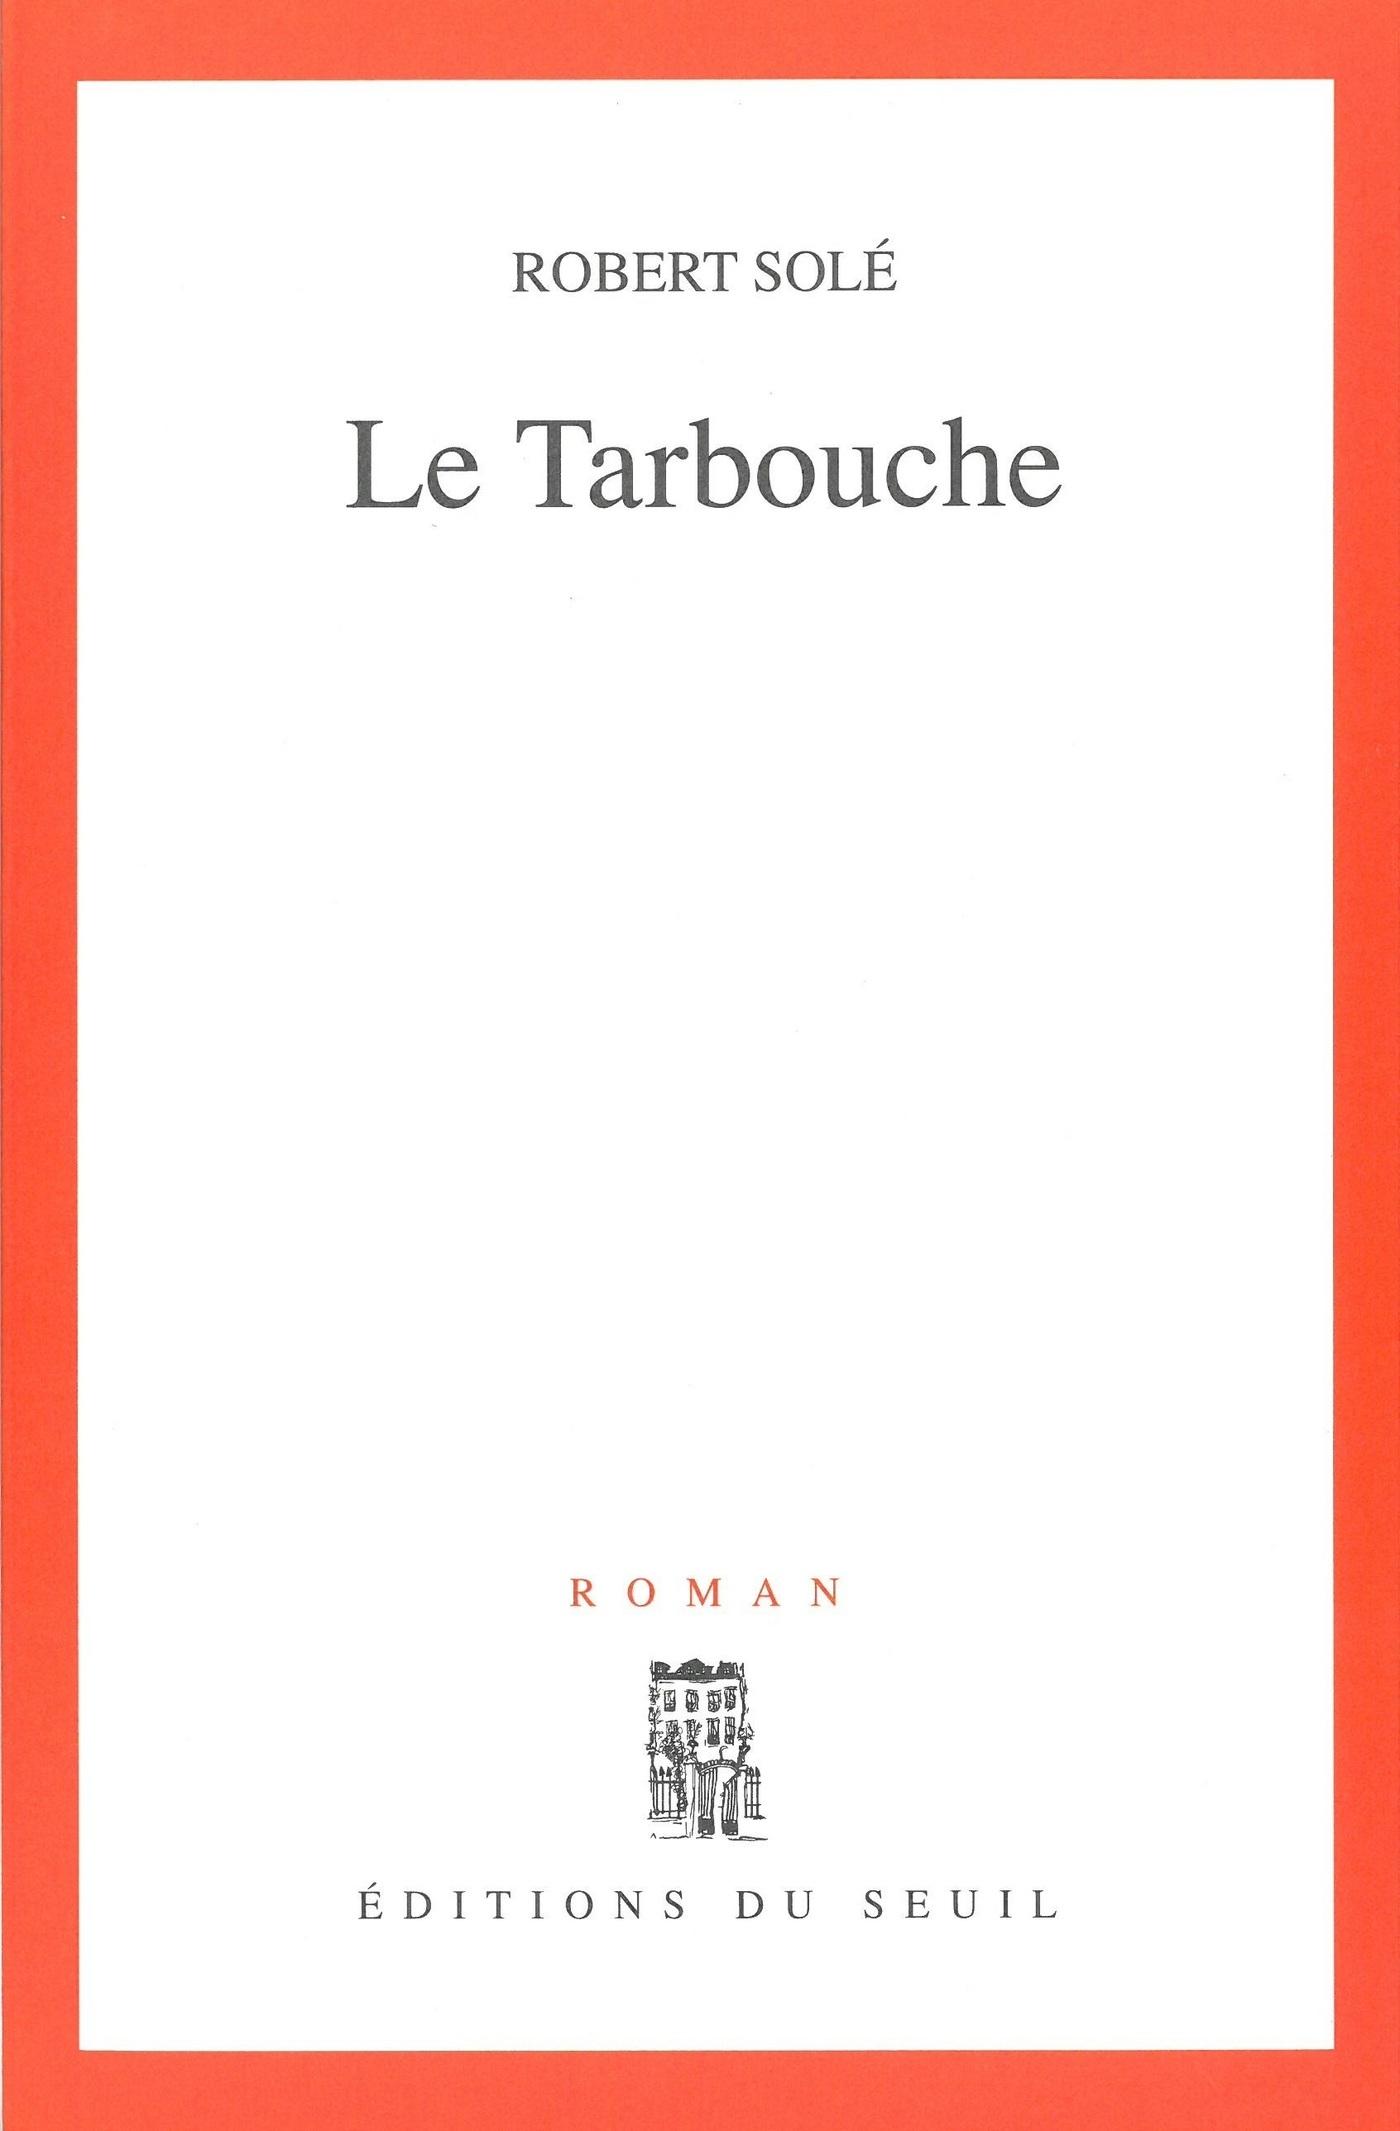 Le Tarbouche